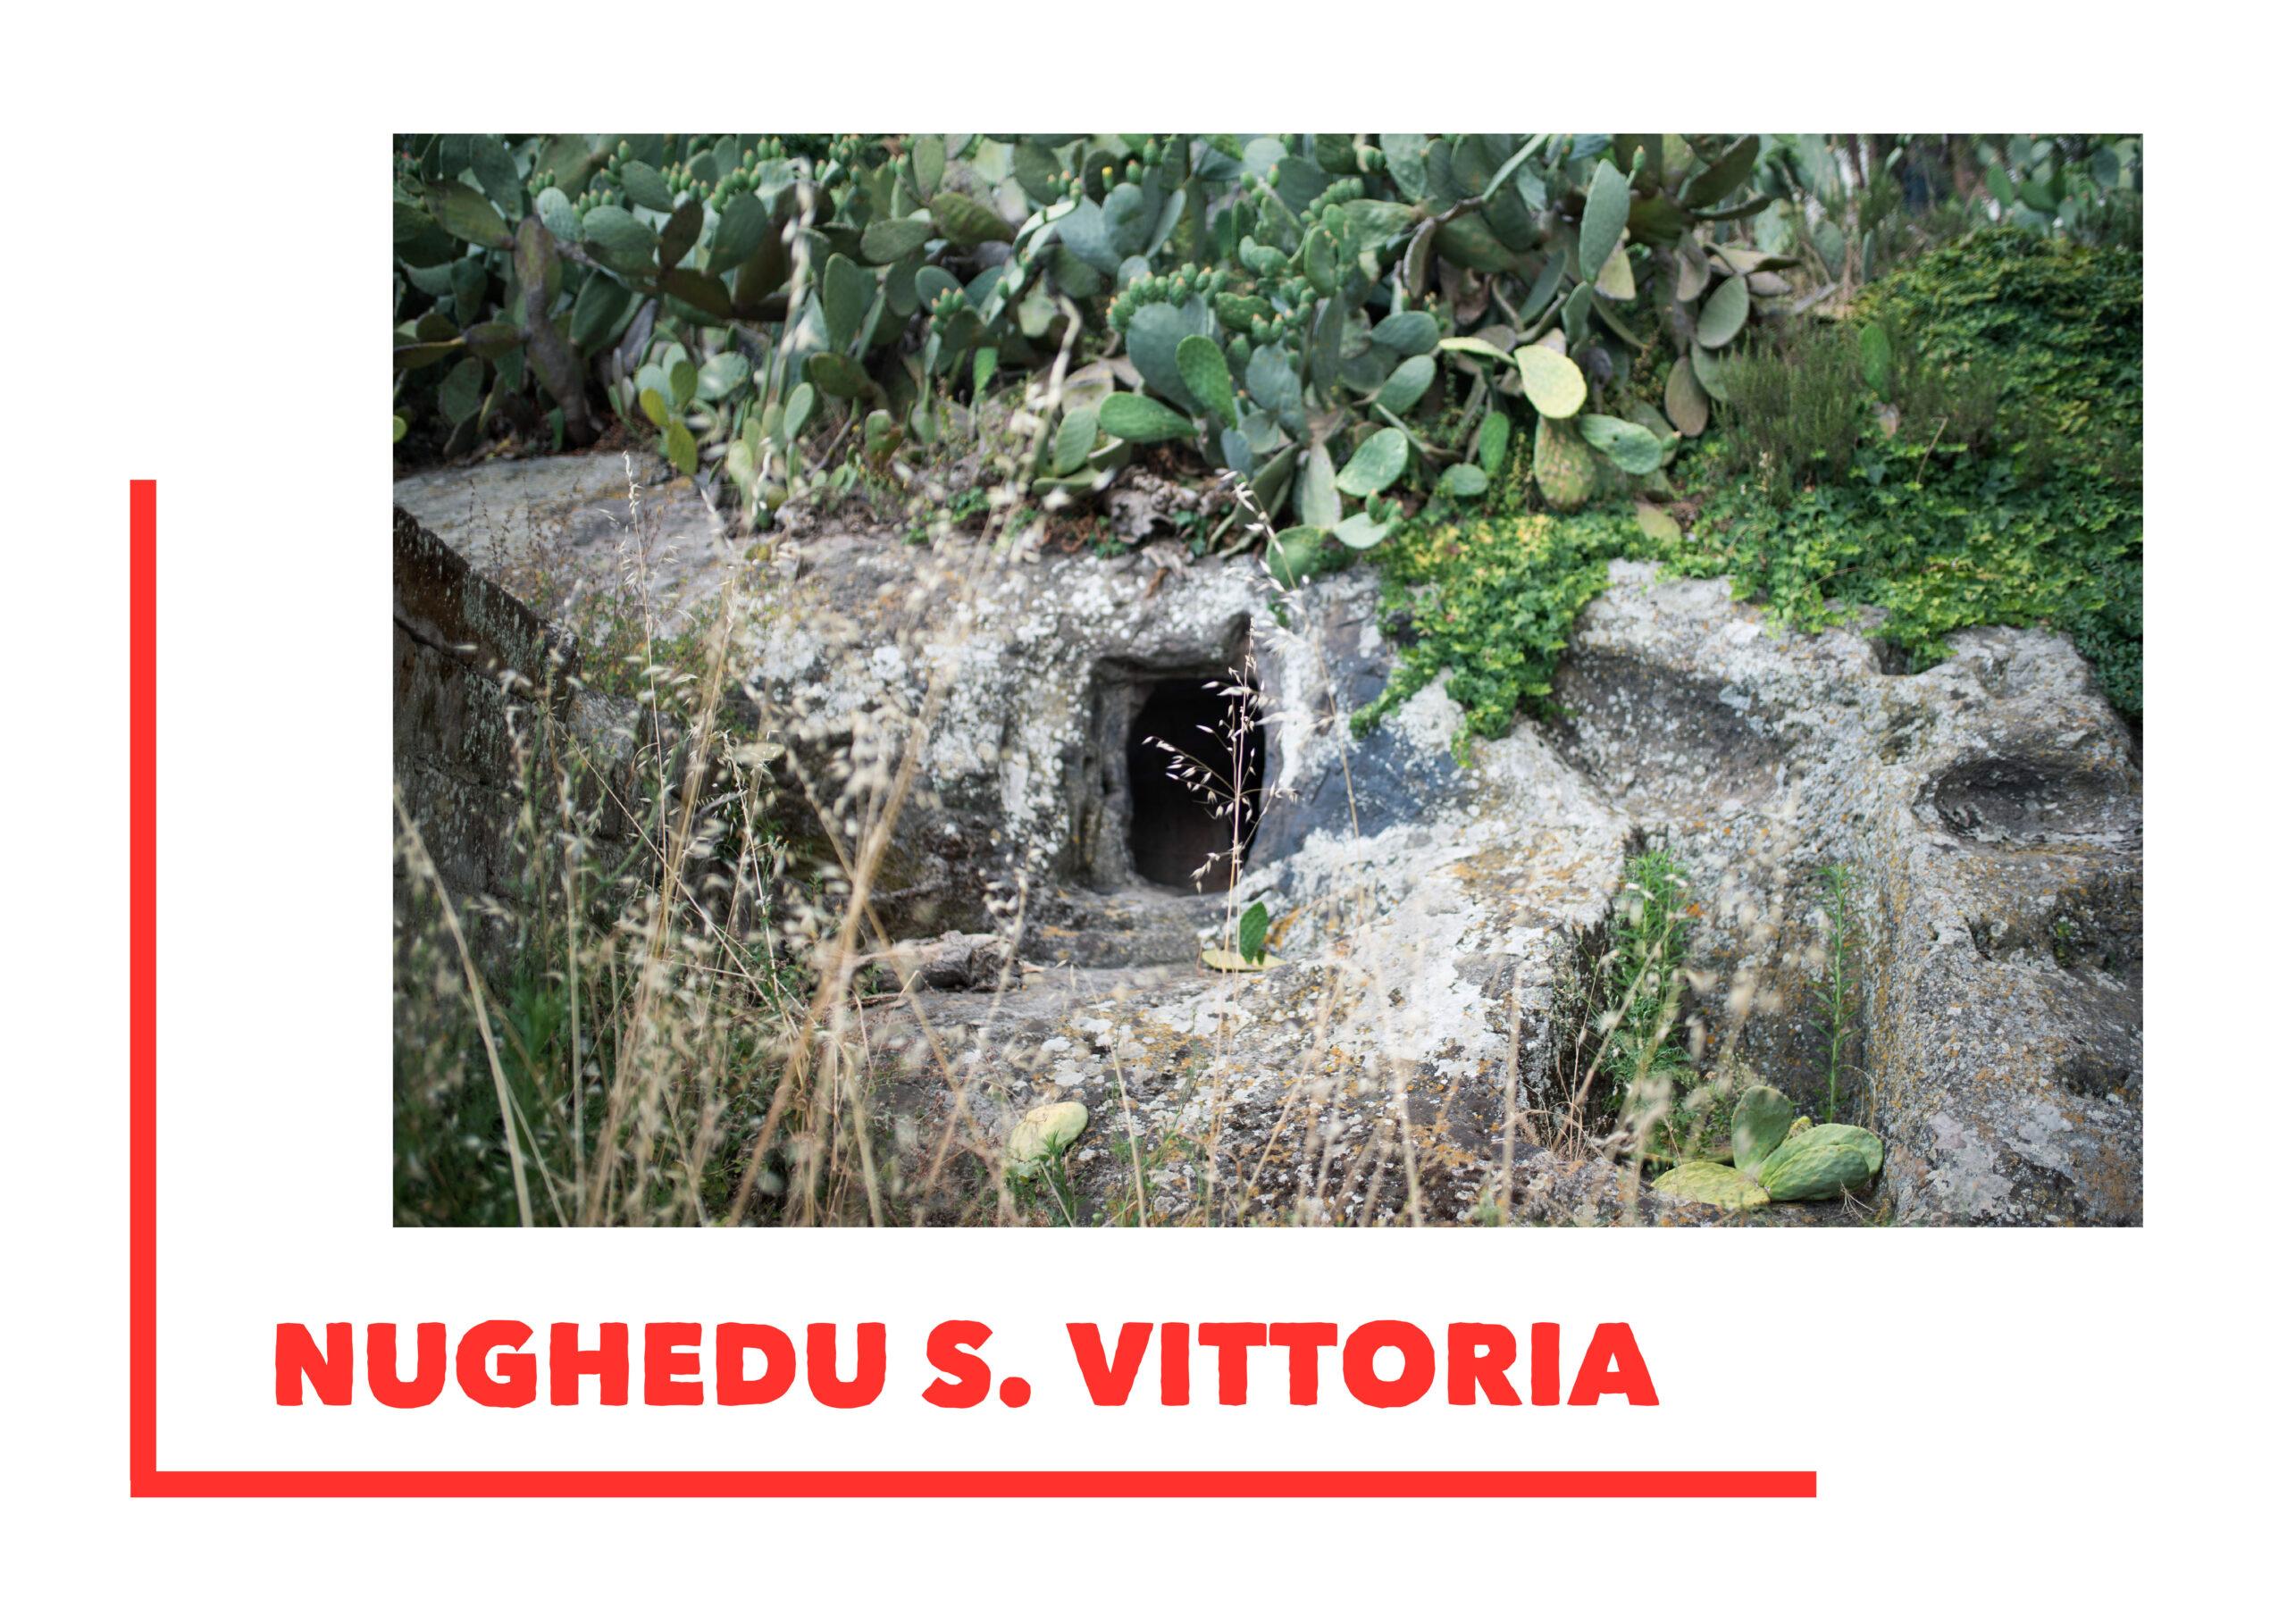 Nughedu Santa Vittoria DEF Tavola disegno 1 2 scaled